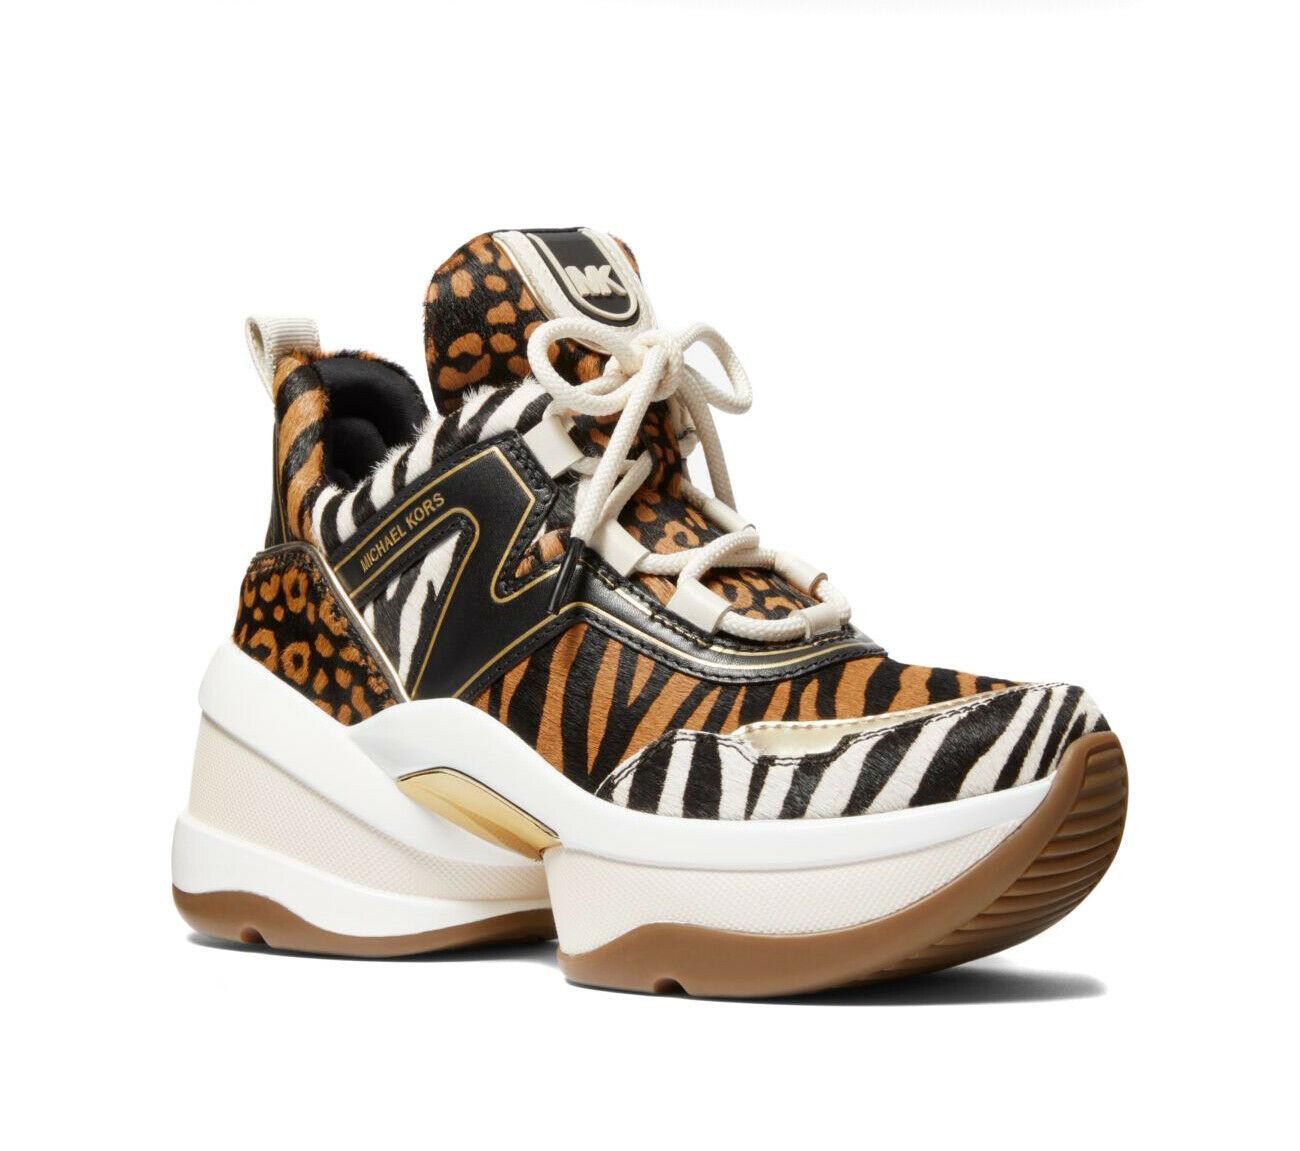 Michael Kors Women's Olympia Trainer Printed Hair Calf Dad Sneaker Shoes Suntan